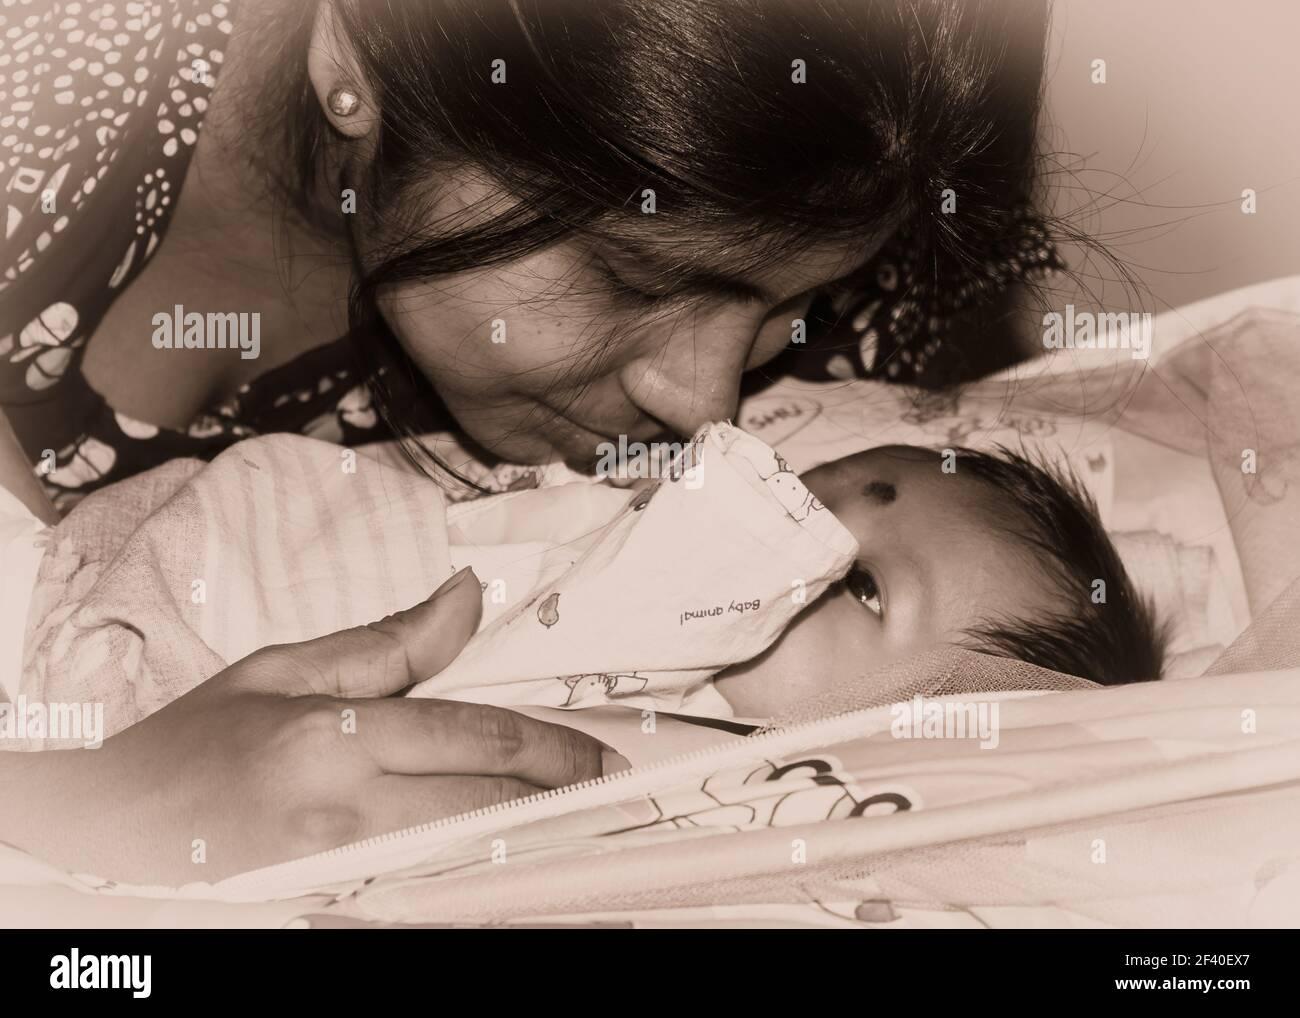 Adorable nouveau-né bébé garçon embrassé par la mère dans son tour de mère allongé sur le lit. Gros plan. Bébé Sweet Little d'un mois. Ethnie indienne. Vue avant Banque D'Images